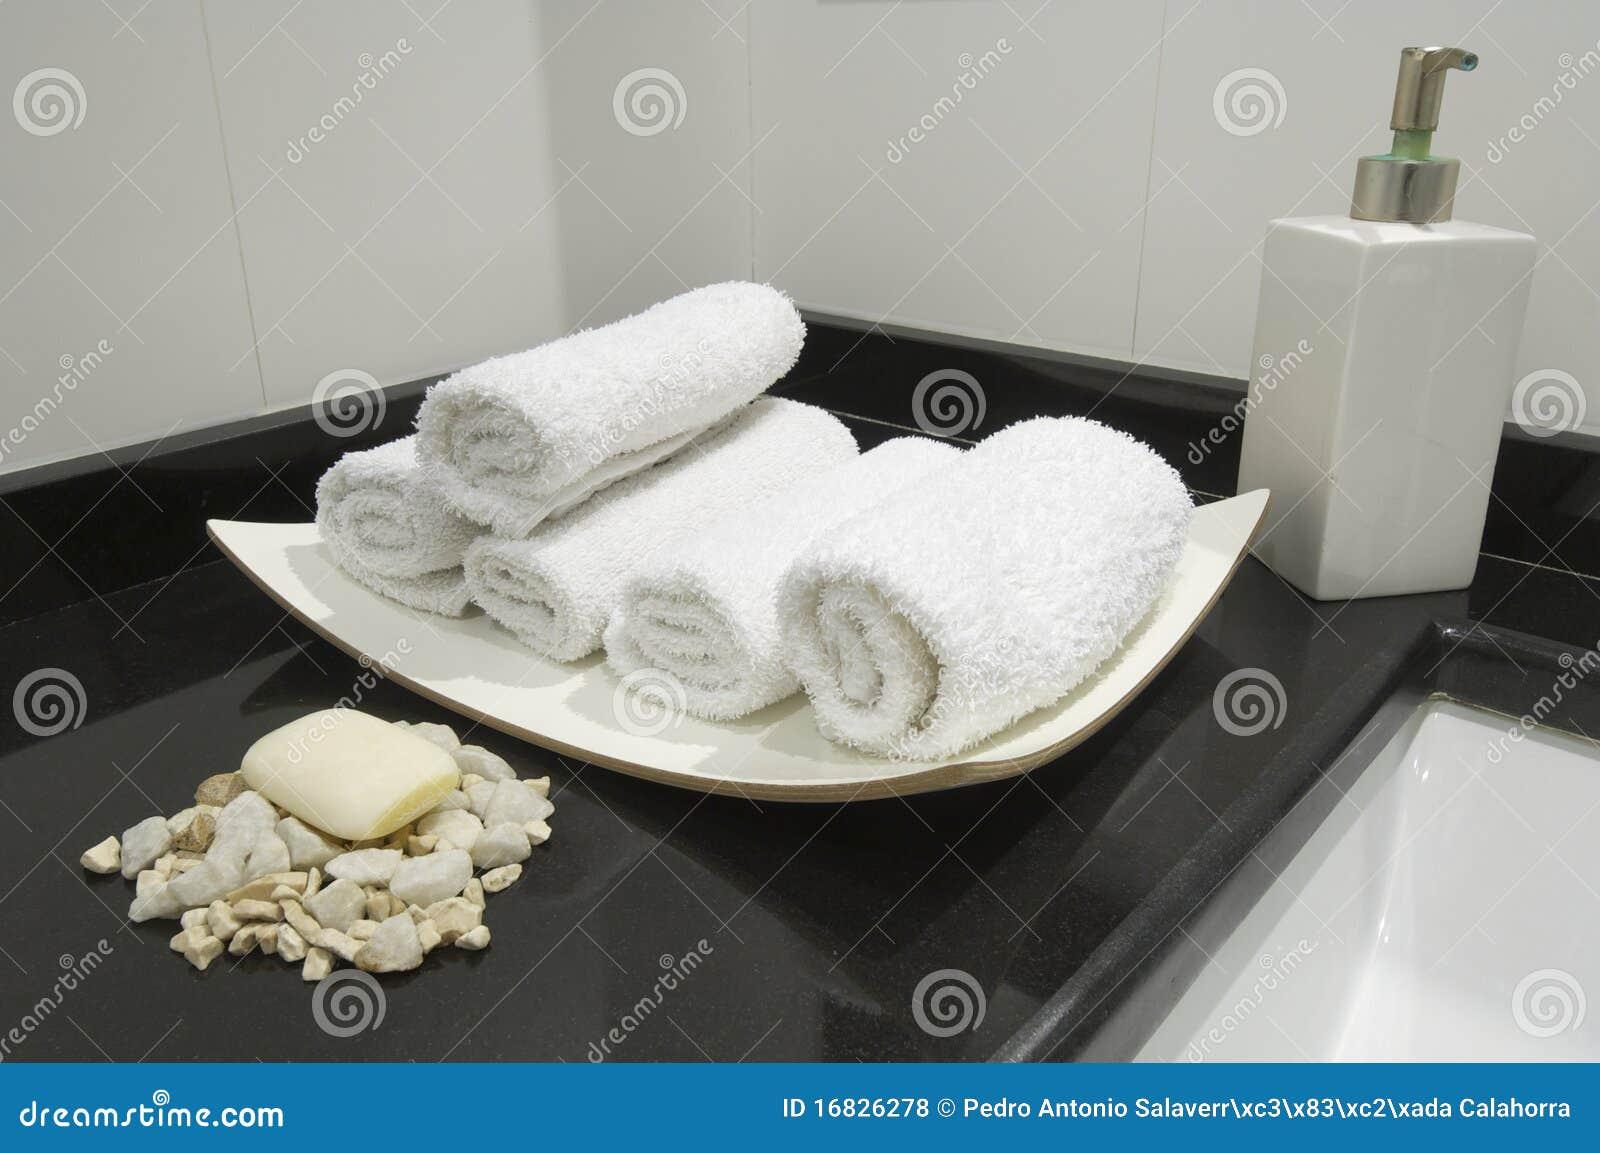 Toilette moderne photo stock image du magnifique for Toilette moderne photos